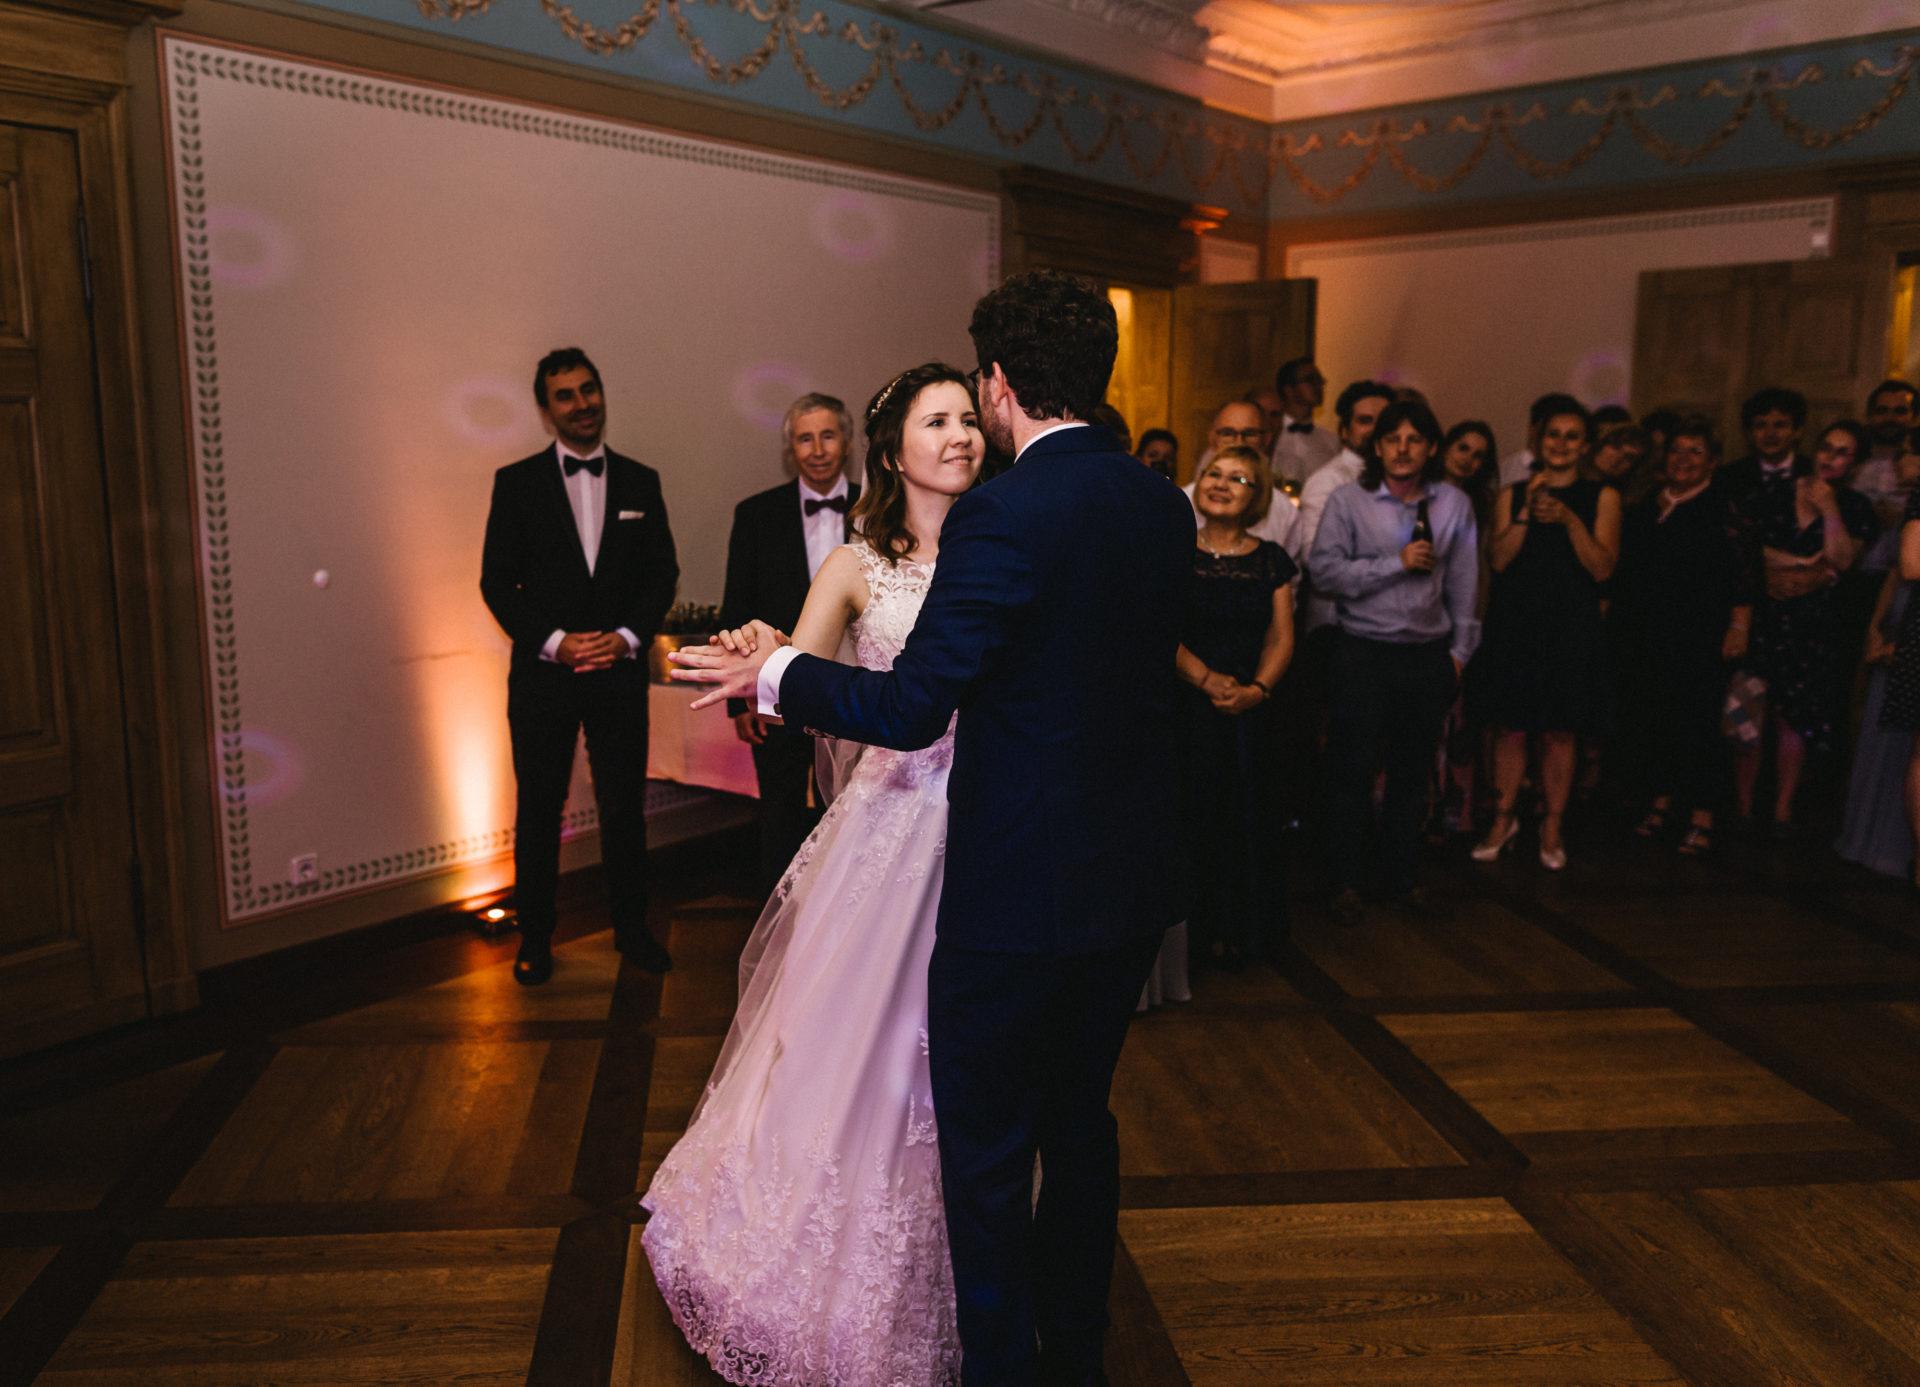 Hochzeitsreportage | Freie Trauung im Herrenhaus Möckern in Leipzig | 52